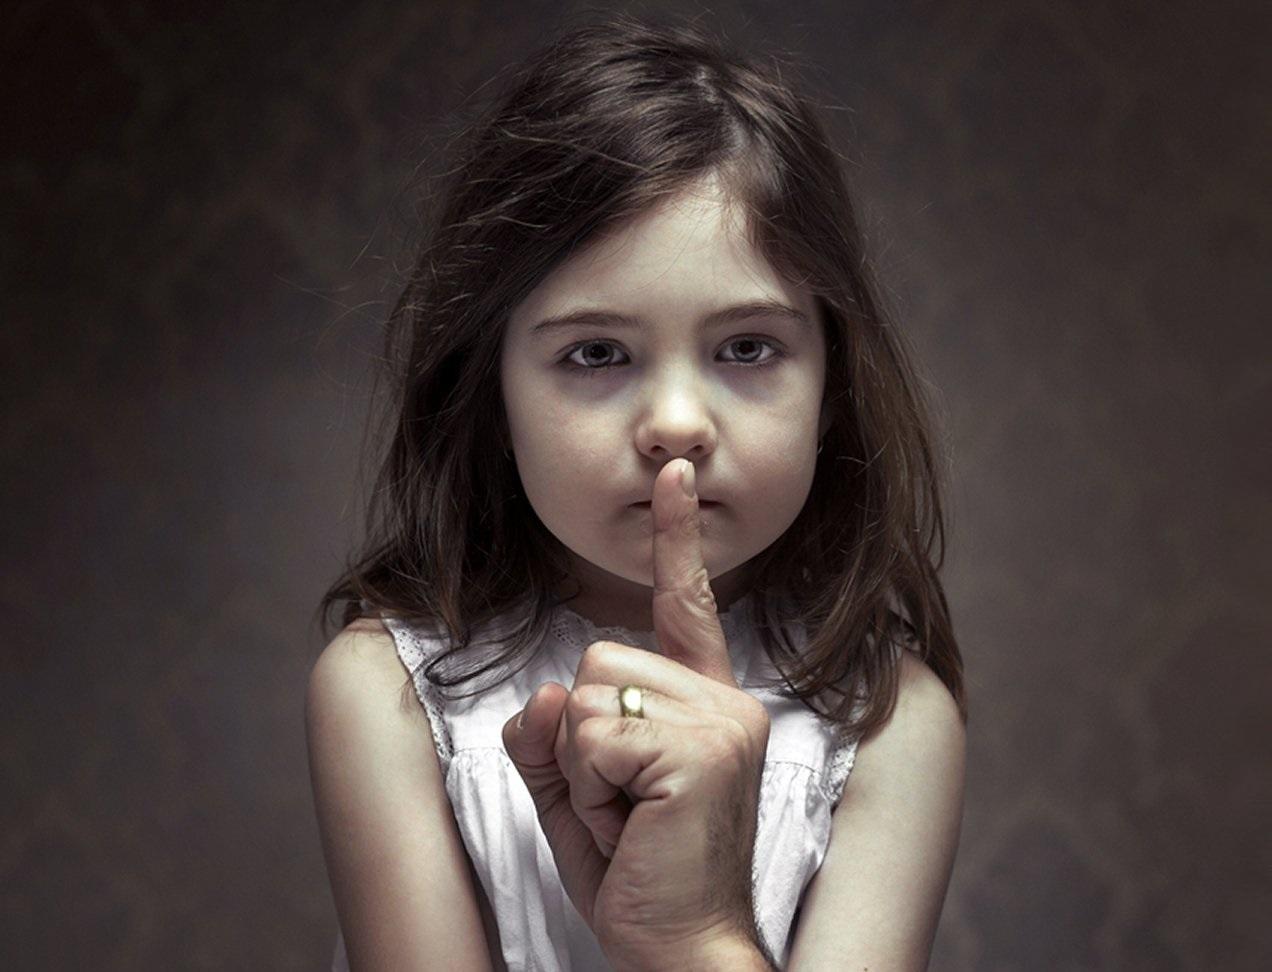 Рассказ о сексе с маленькой девочкой 8 фотография